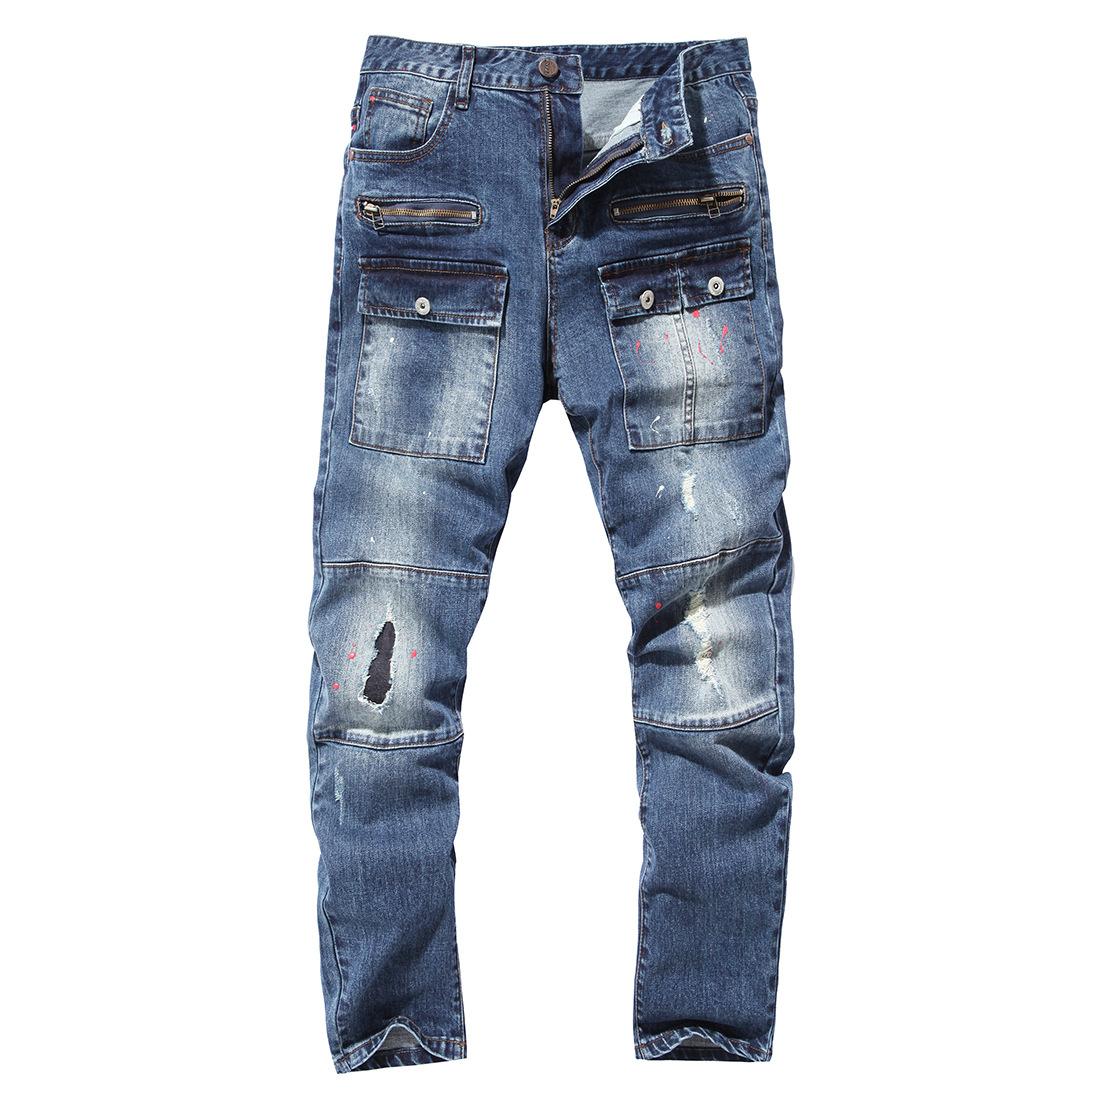 [해외]2018 Mens LegHole 스트레이트 슬림 바이커 데님 청바지 바지 스키니 팬츠/2018 Mens LegHole Straight Slim Biker Denim Jeans Trousers Skinny Pants